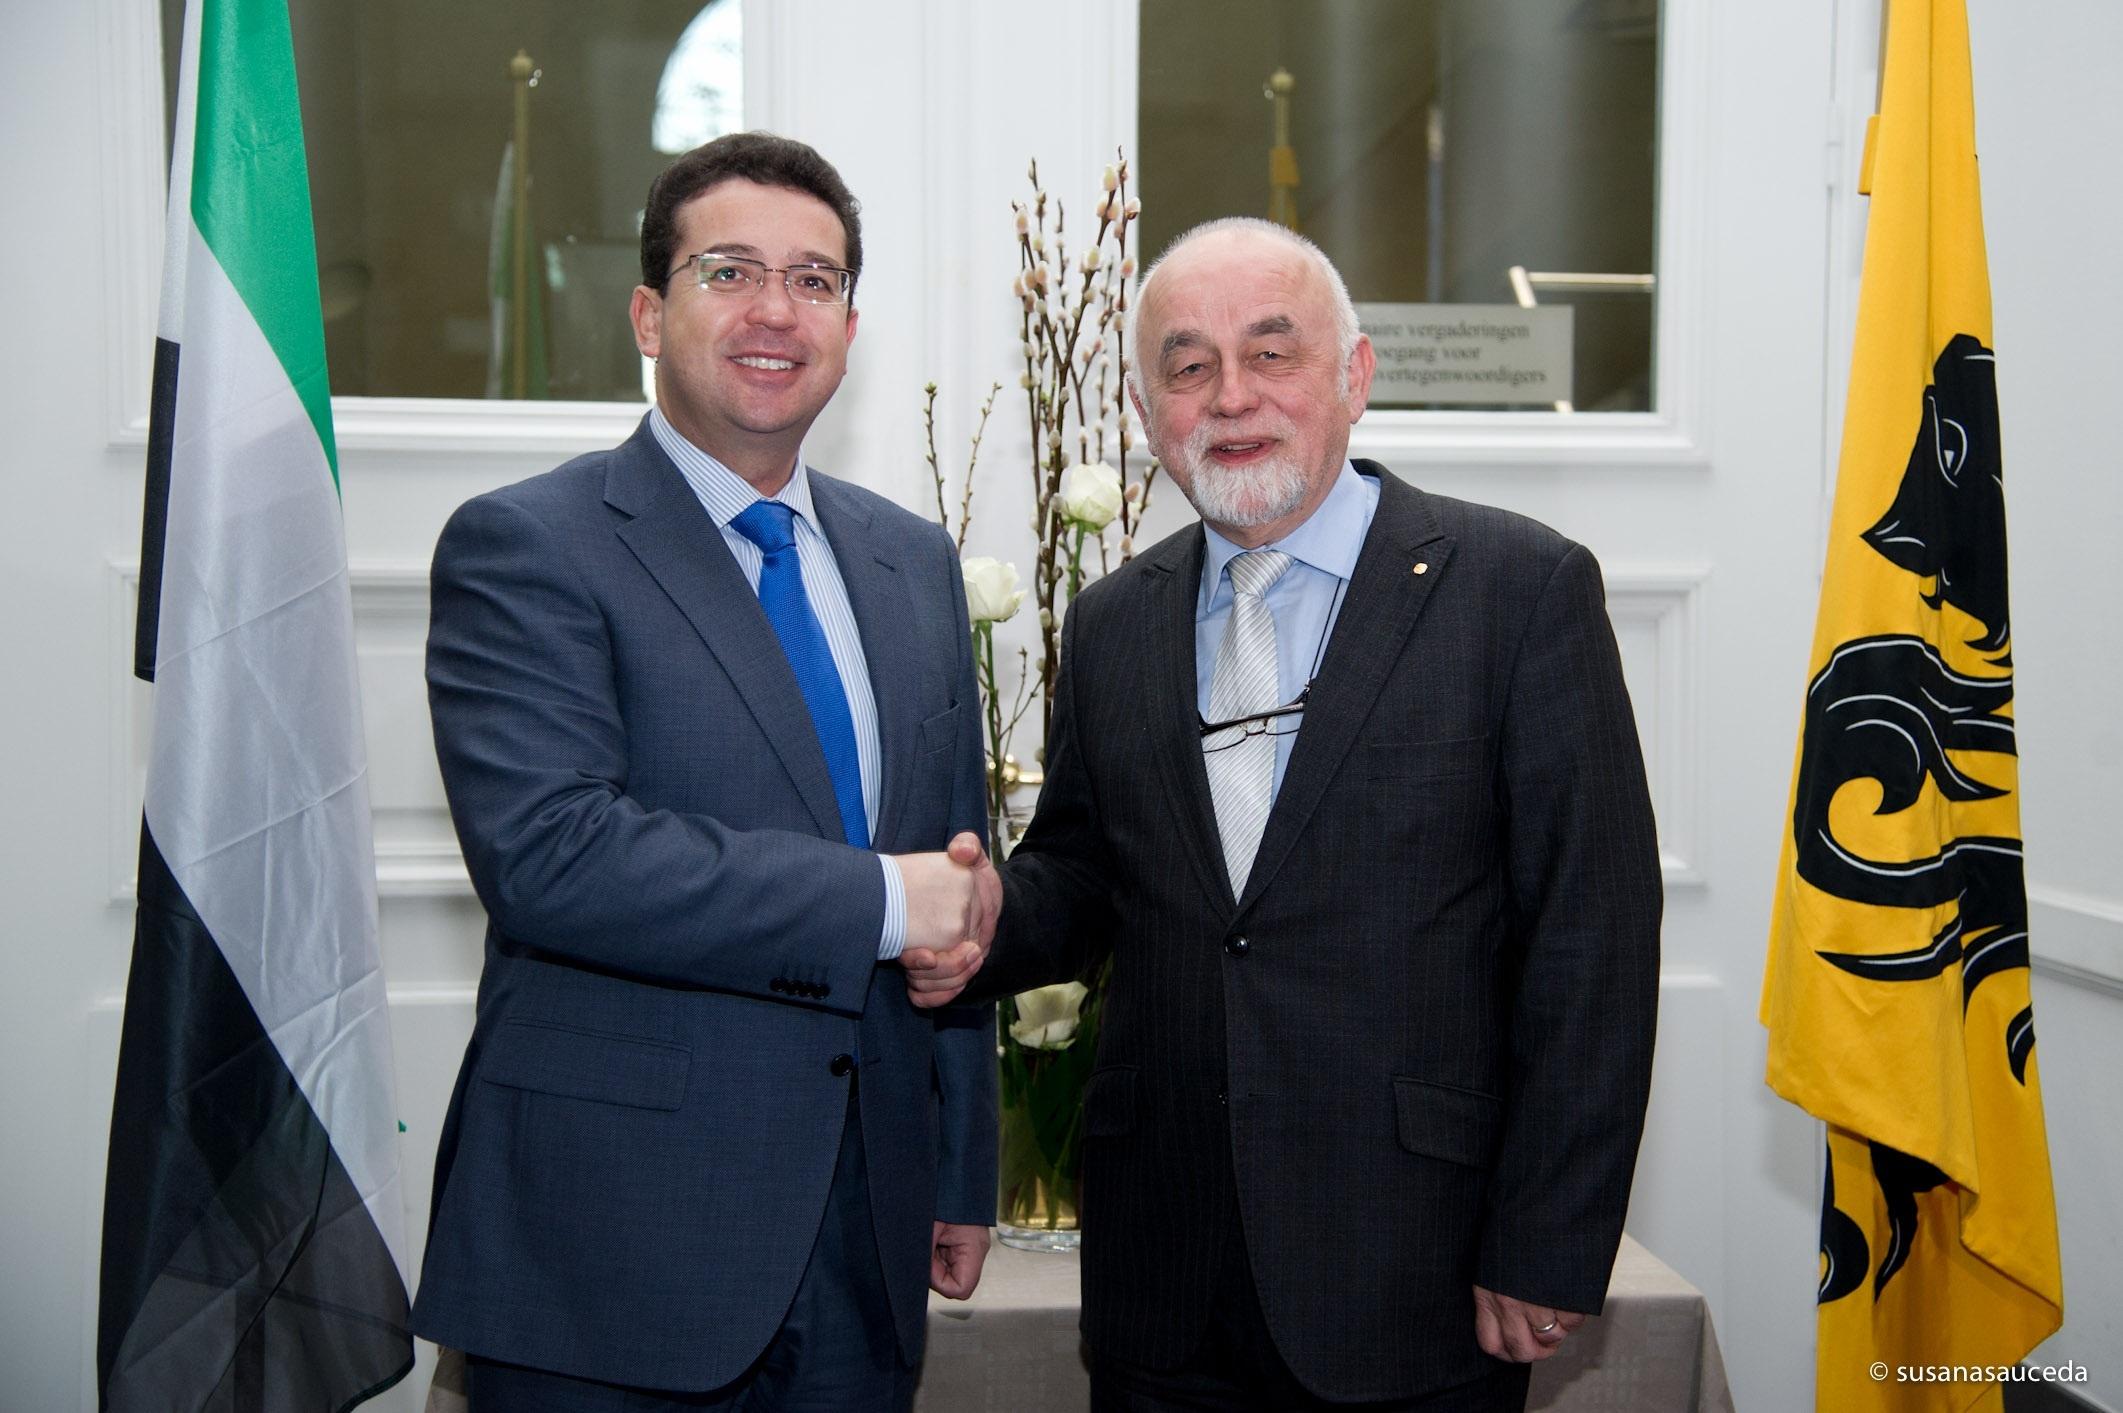 El presidente del Parlamento de Extremadura visita la sede del Parlamento Flamenco en Bruselas